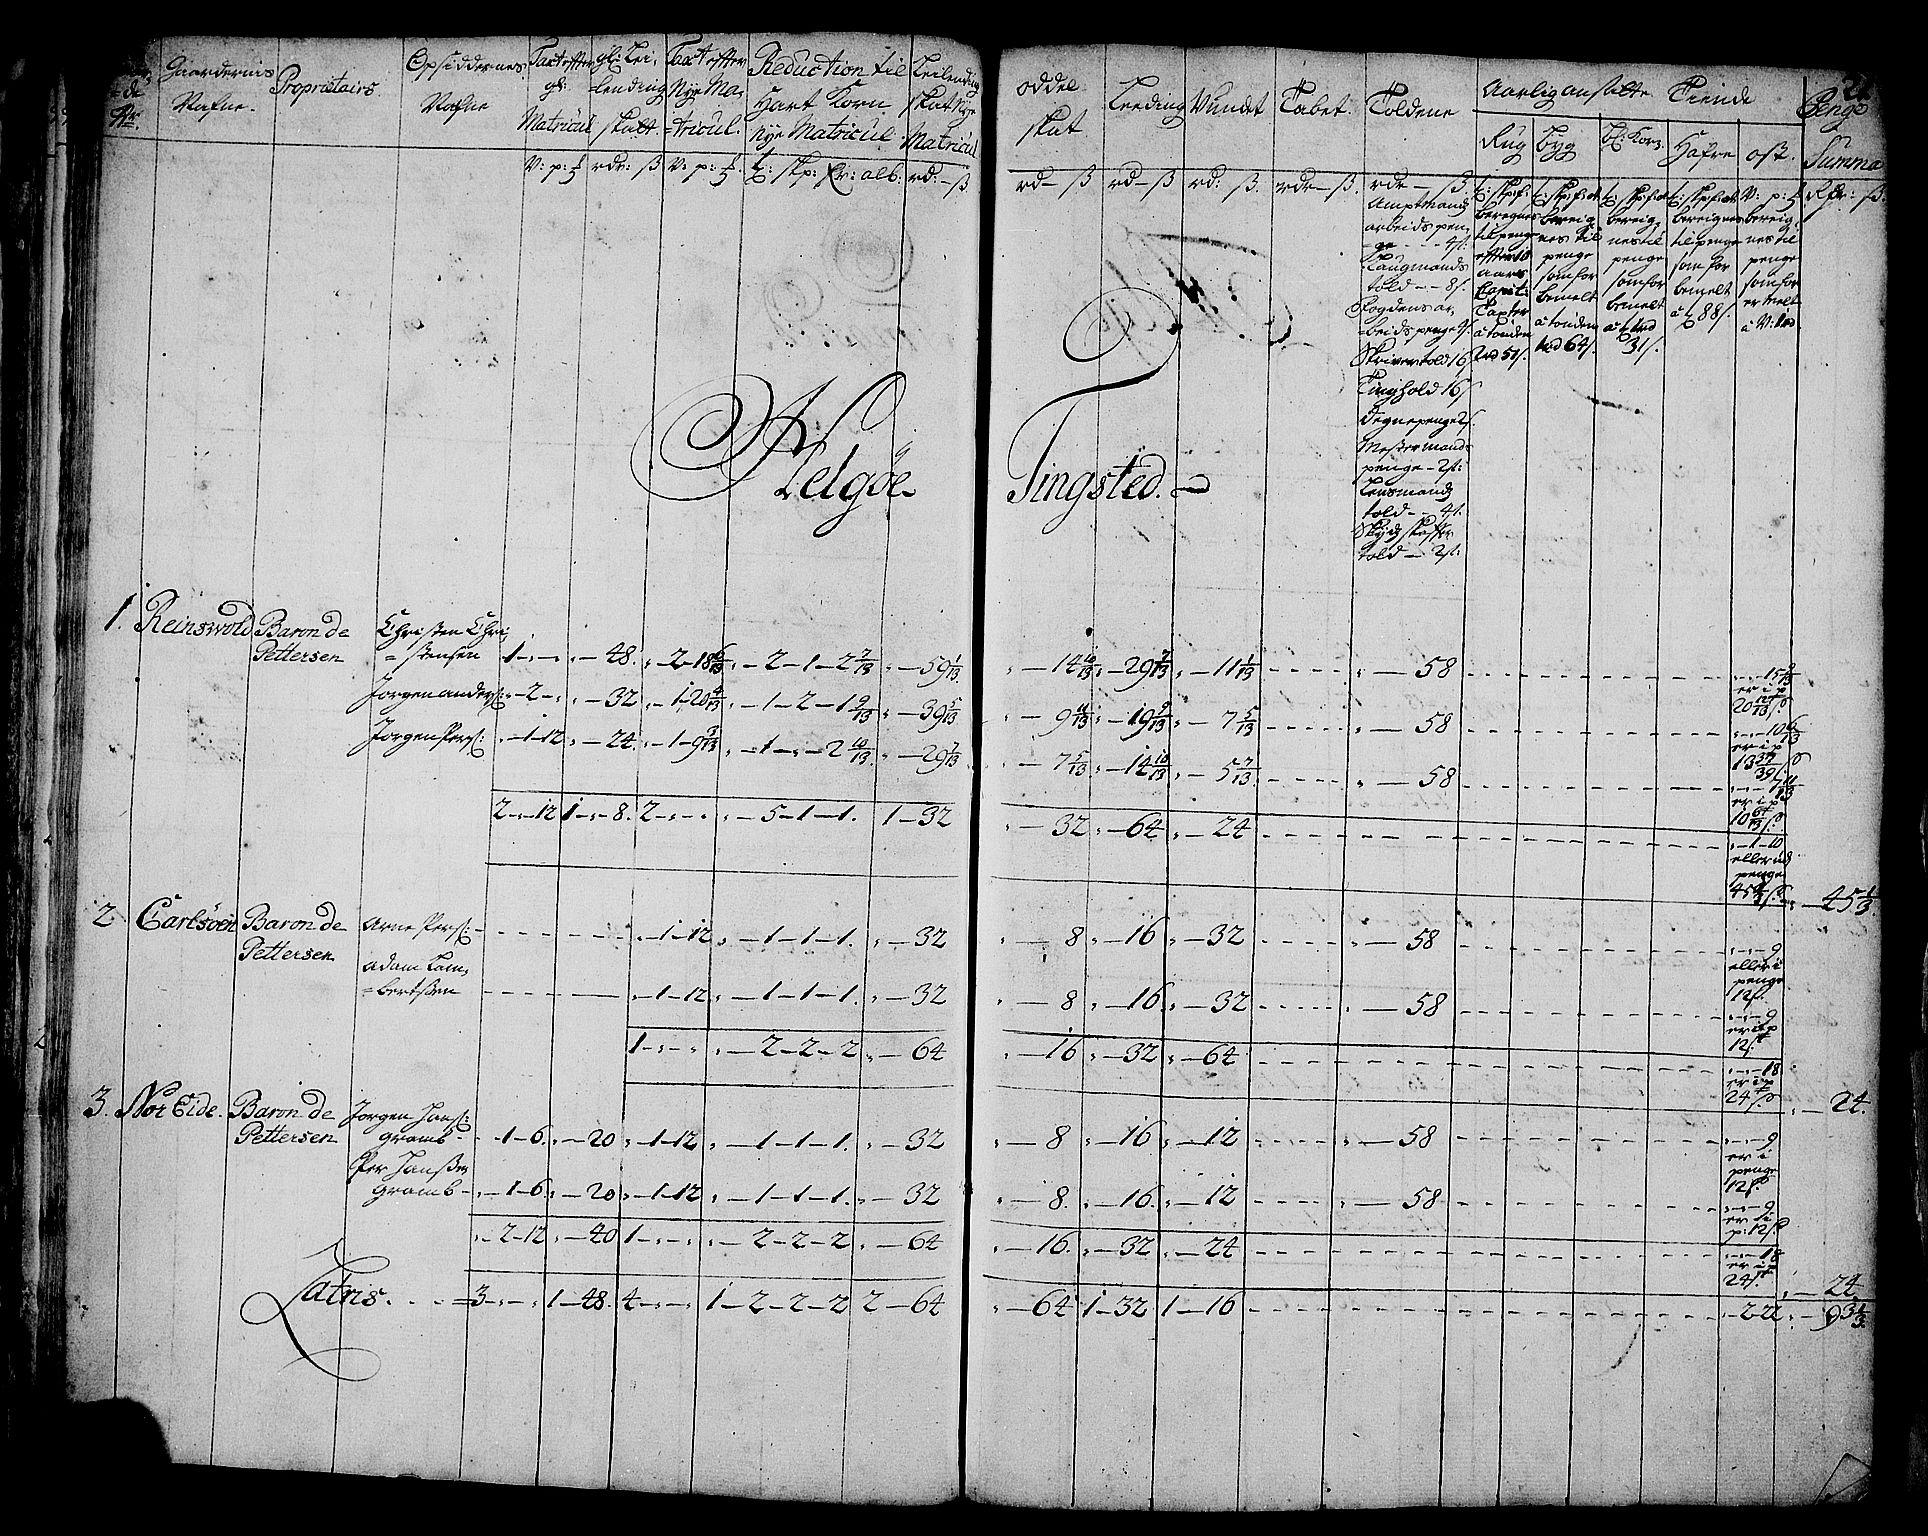 RA, Rentekammeret inntil 1814, Realistisk ordnet avdeling, N/Nb/Nbf/L0181: Troms matrikkelprotokoll, 1723, s. 20b-21a